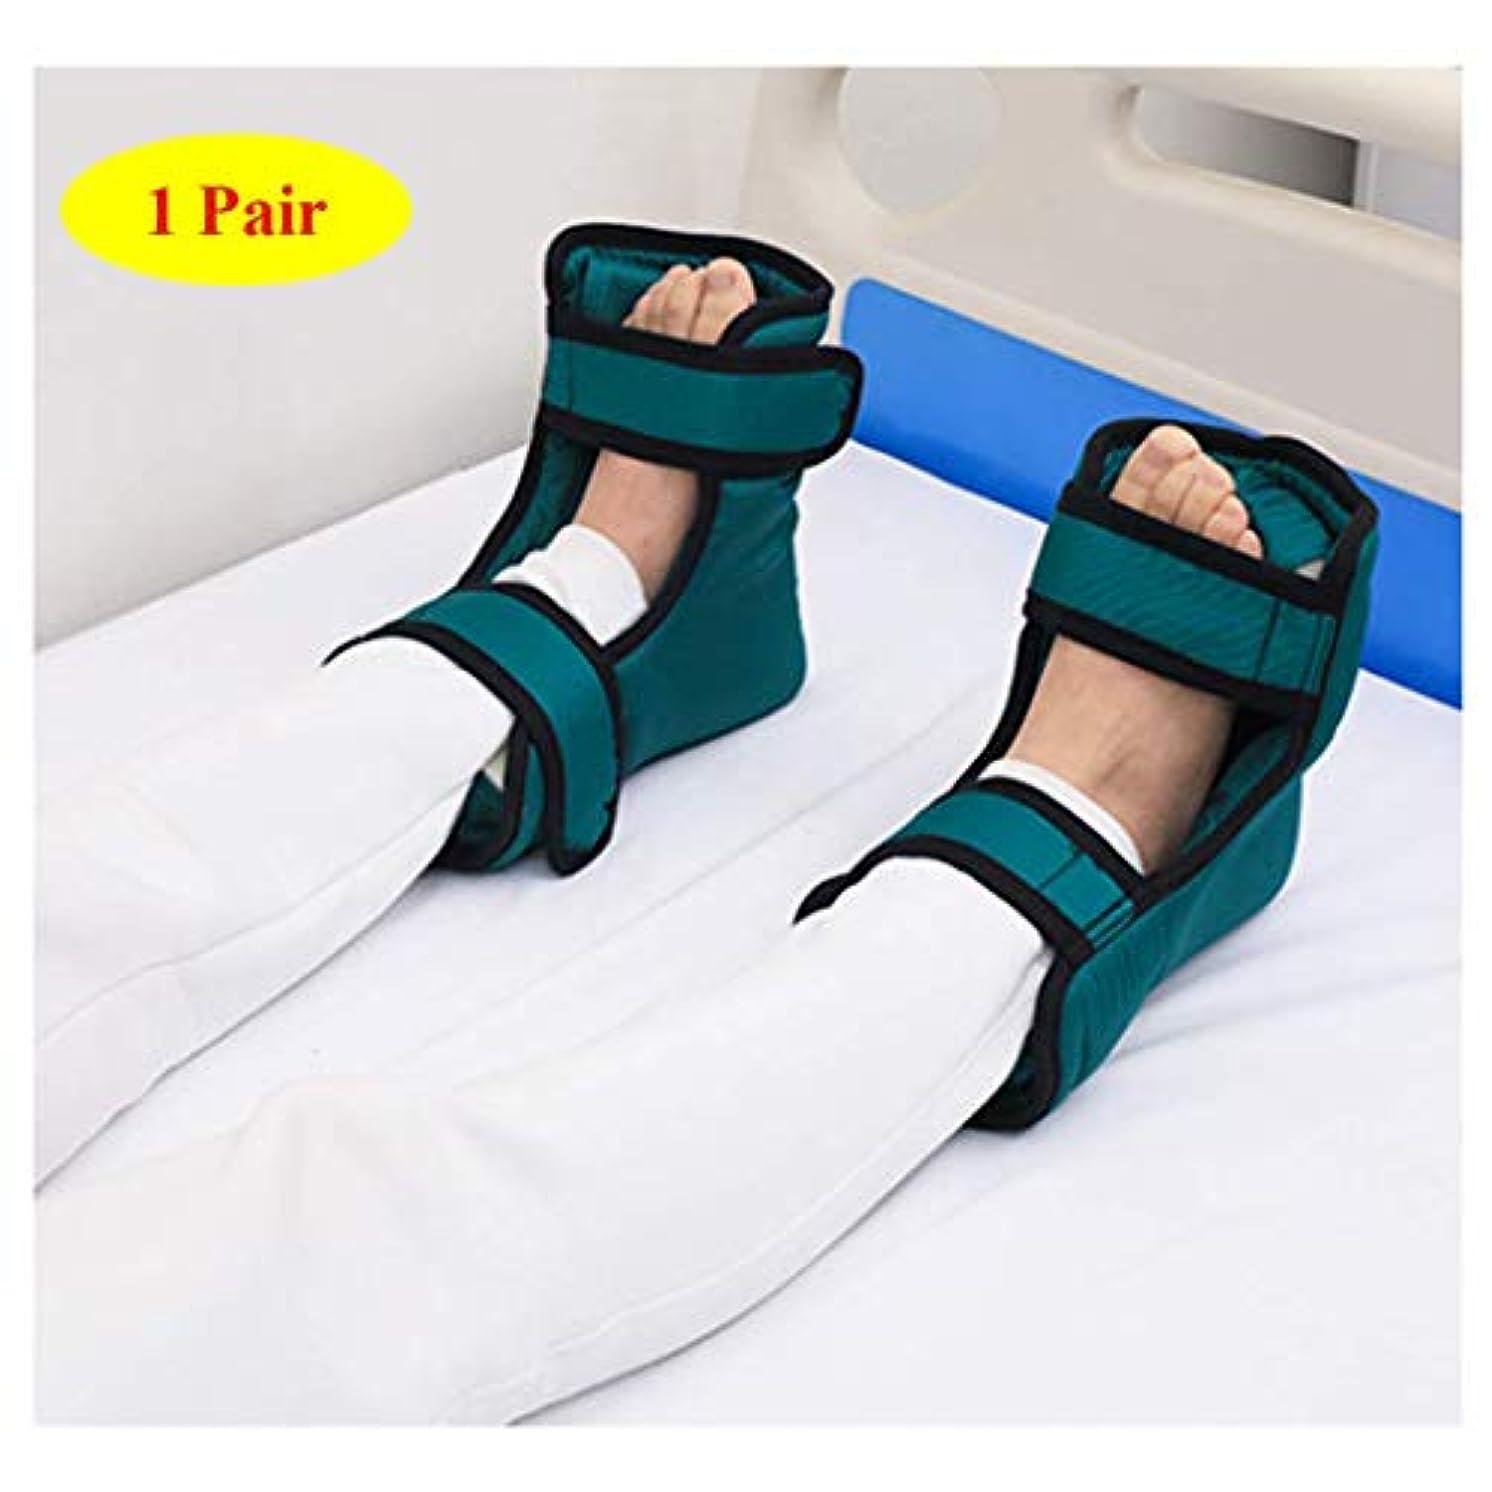 シャープ衣類死傷者床ずれ防止ヒールプロテクター枕、患者ケアヒールパッド足首プロテクタークッション、効果的なPressure瘡。